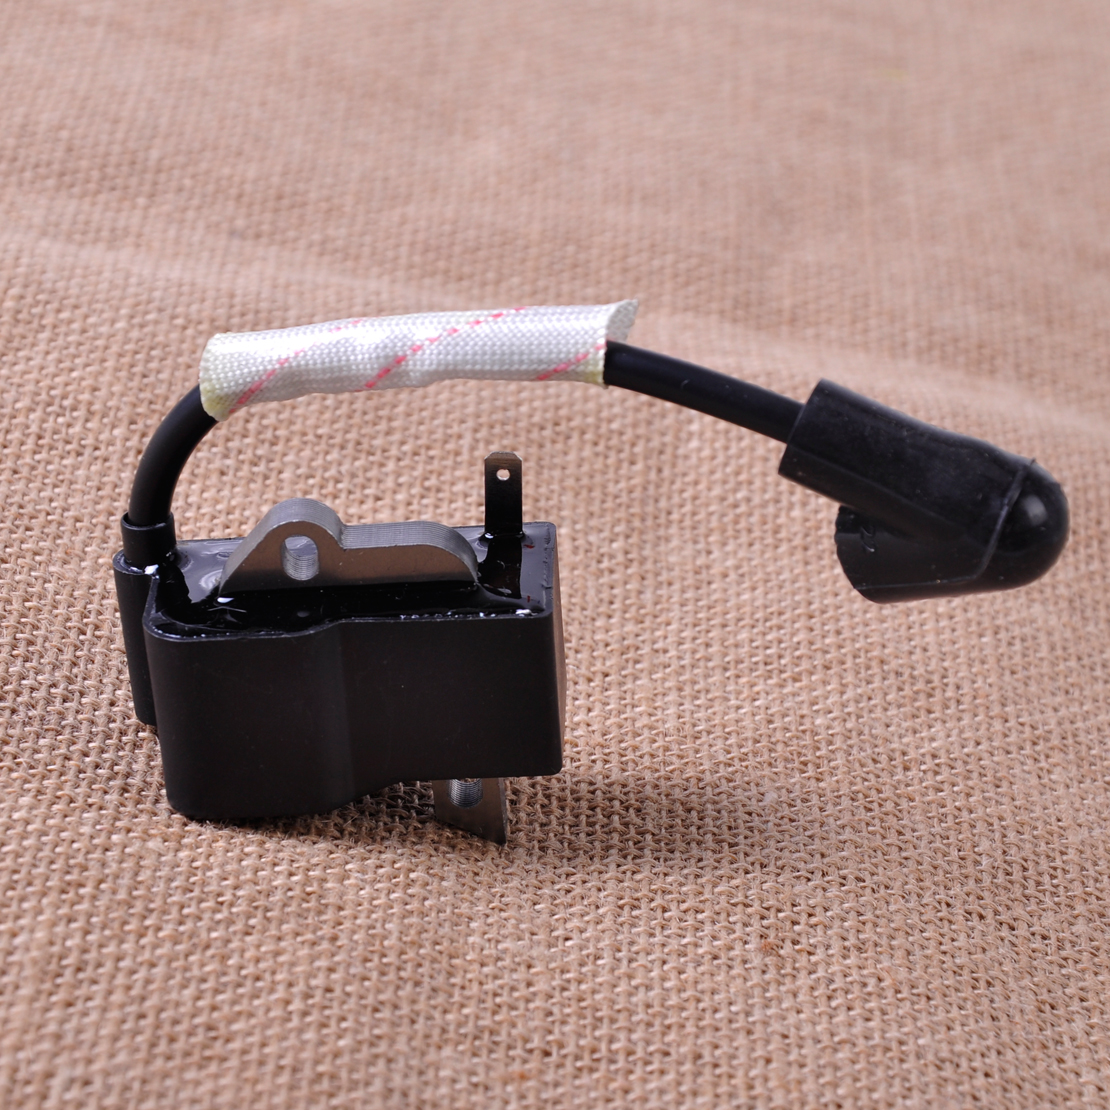 LETAOSK New Ignition Module Coil For Husqvarna 125B 125BVX Handheld Blower 545108101